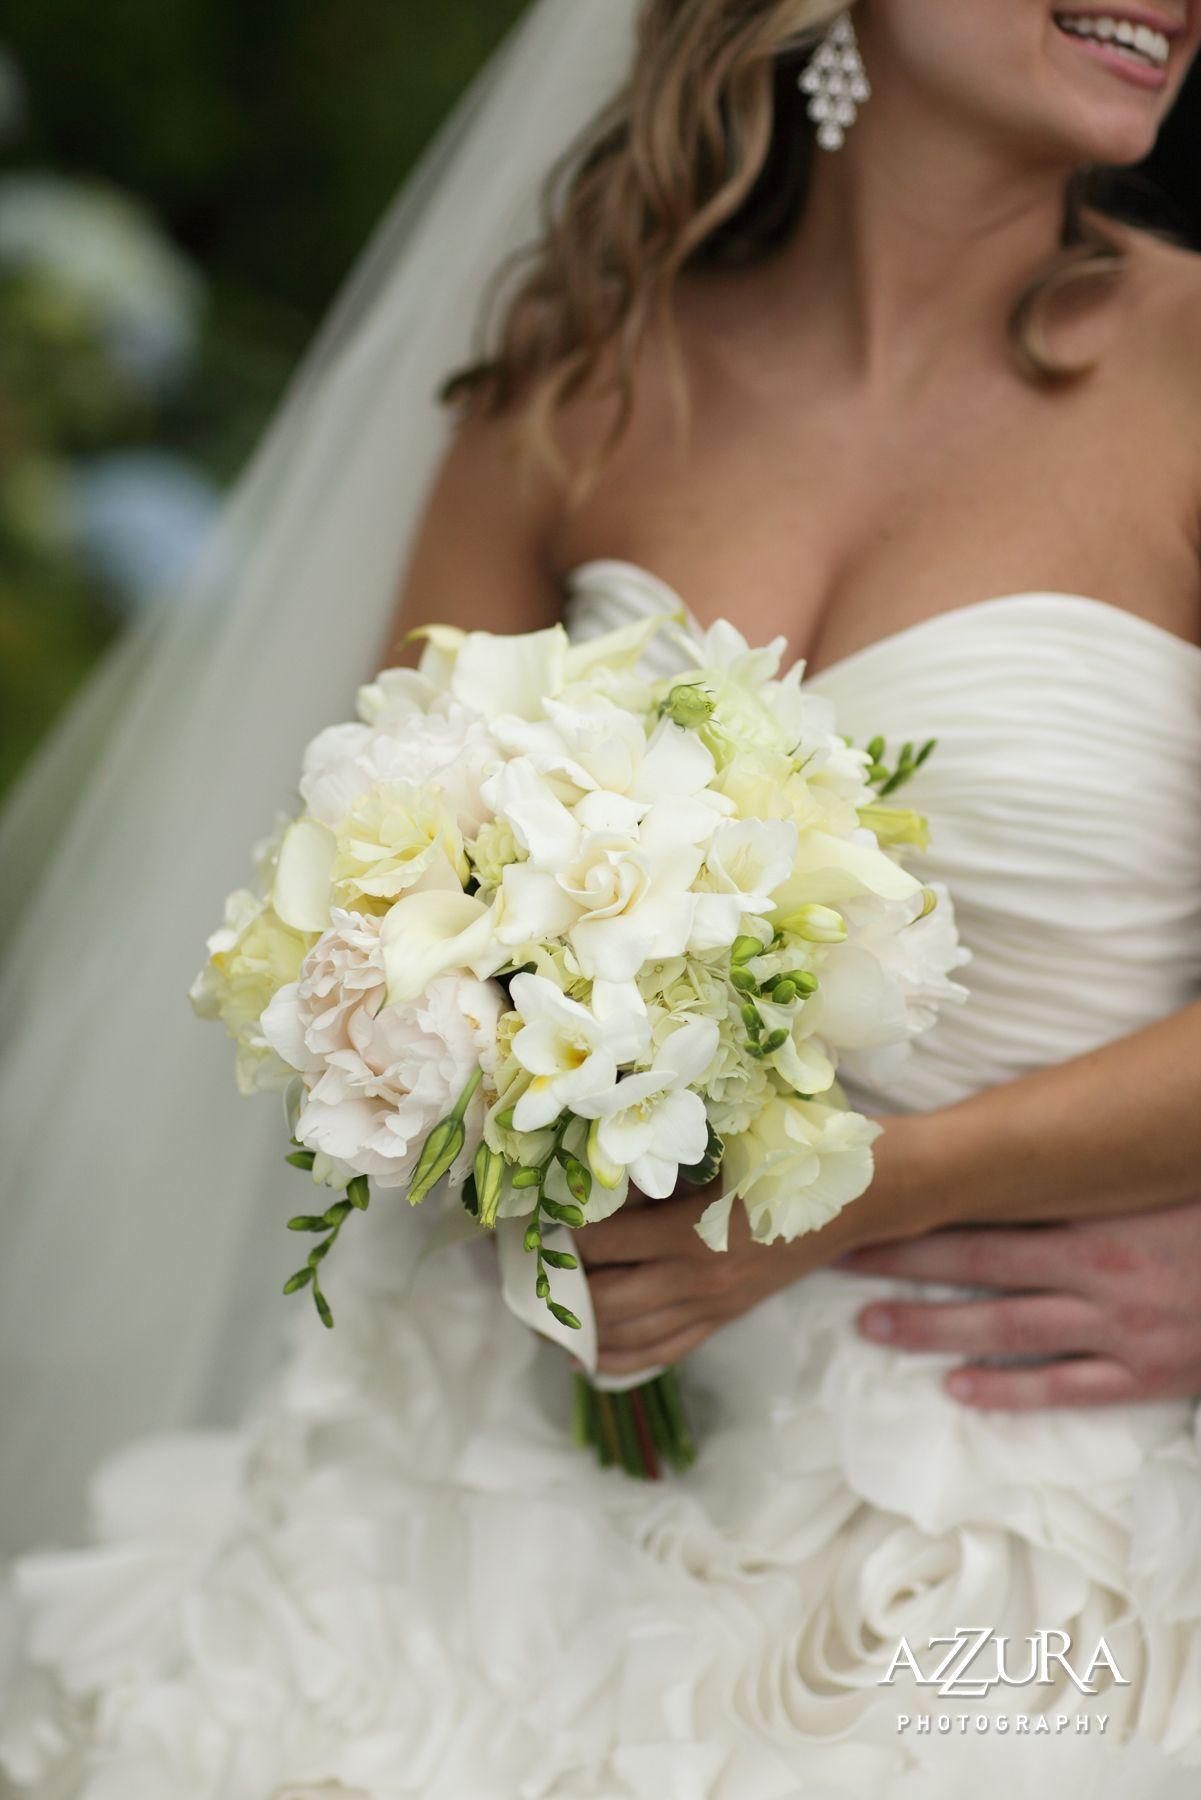 White Gardenia Peony Calla Lily Lisianthus Freesia Bridal